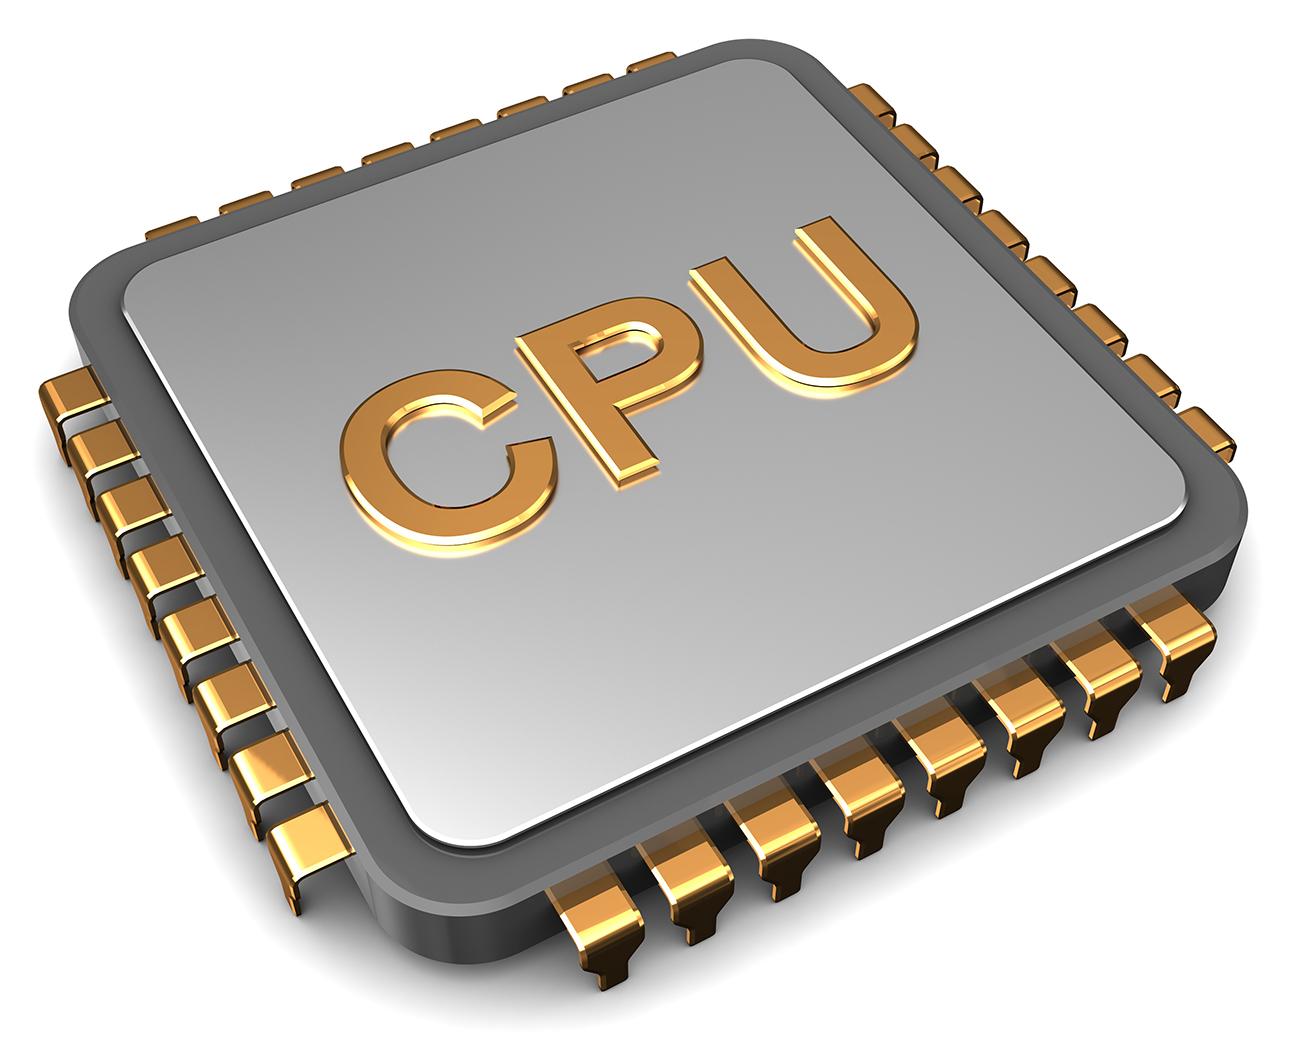 jak schłodzić procesor